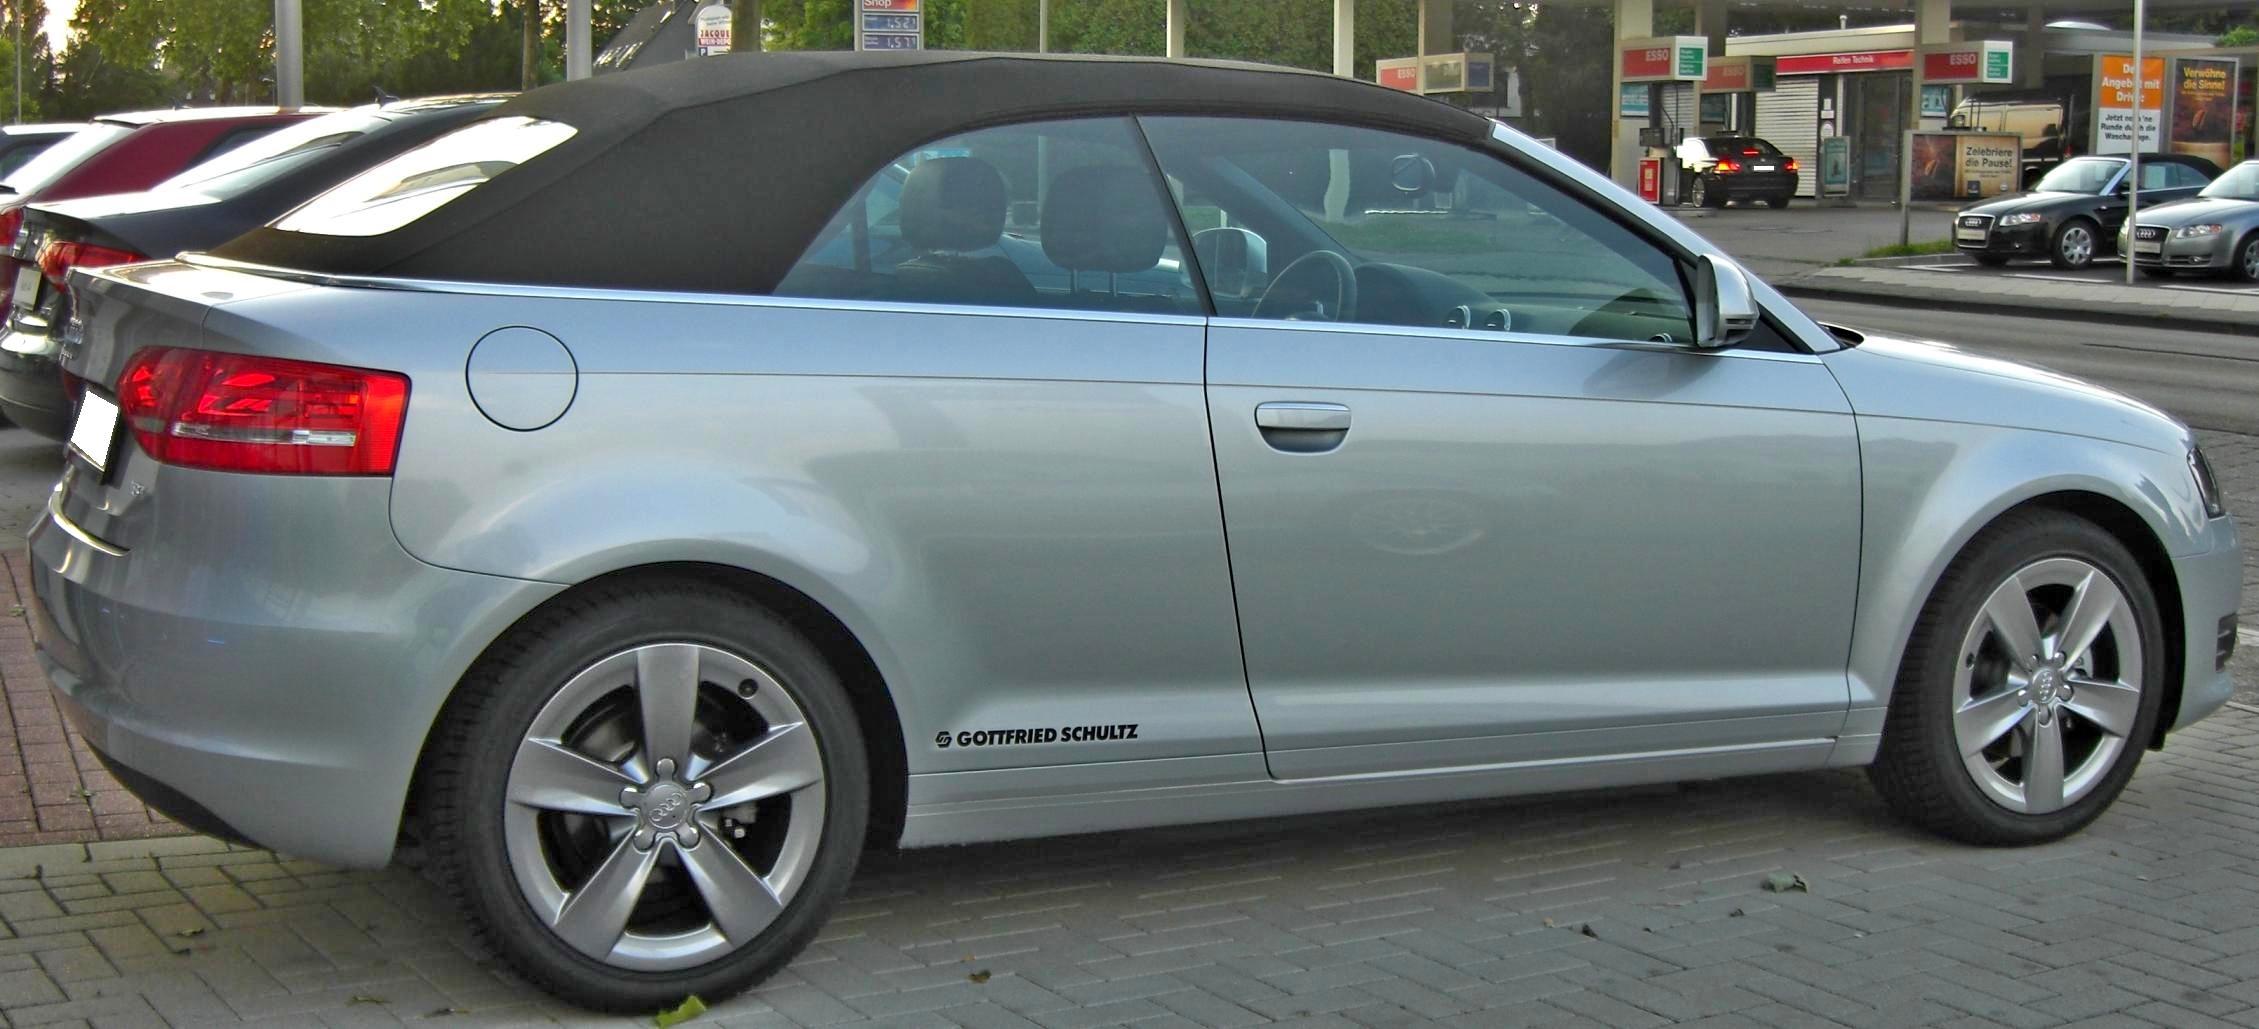 2020 - [Volkswagen] T-Roc cabriolet  Audi_A3_Cabriolet_%282008%29_rear